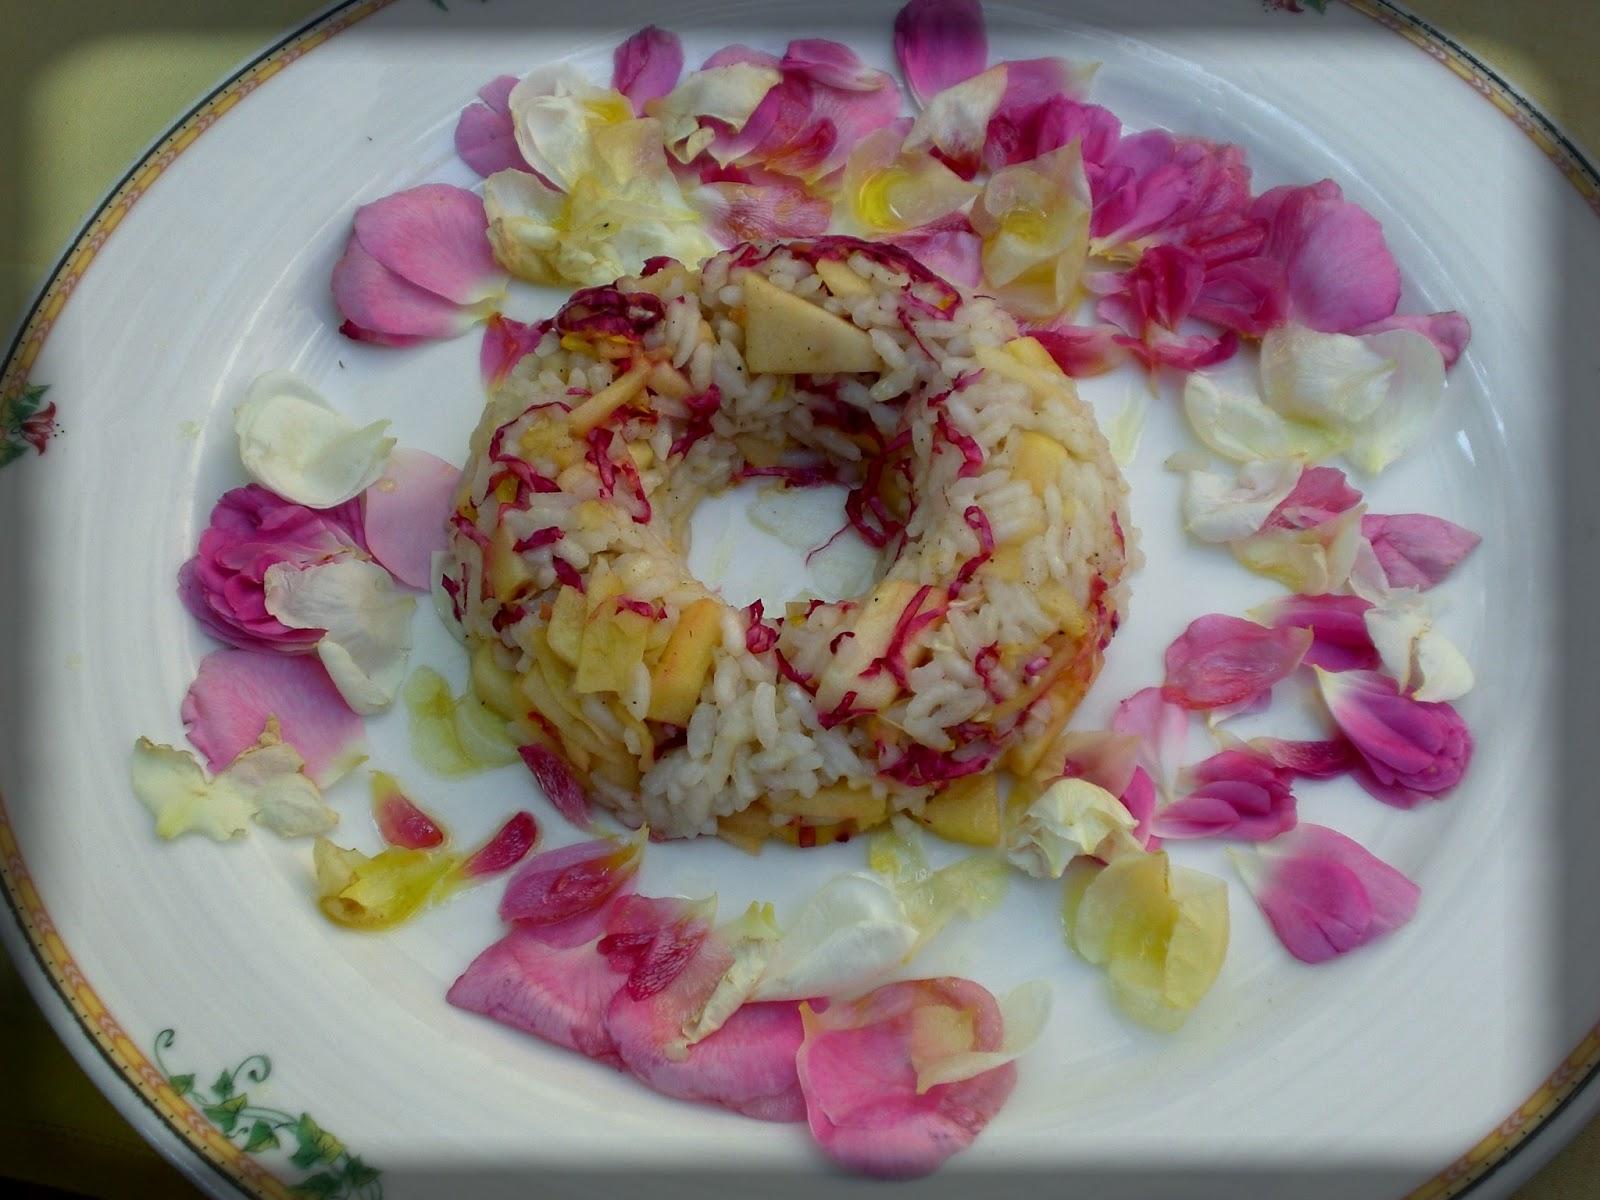 Ha iniziato preparando una sfiziosa insalata di riso pilaf con mela golden e petali di rosa al miele di sambuco a seguire costolette di agnello in crosta